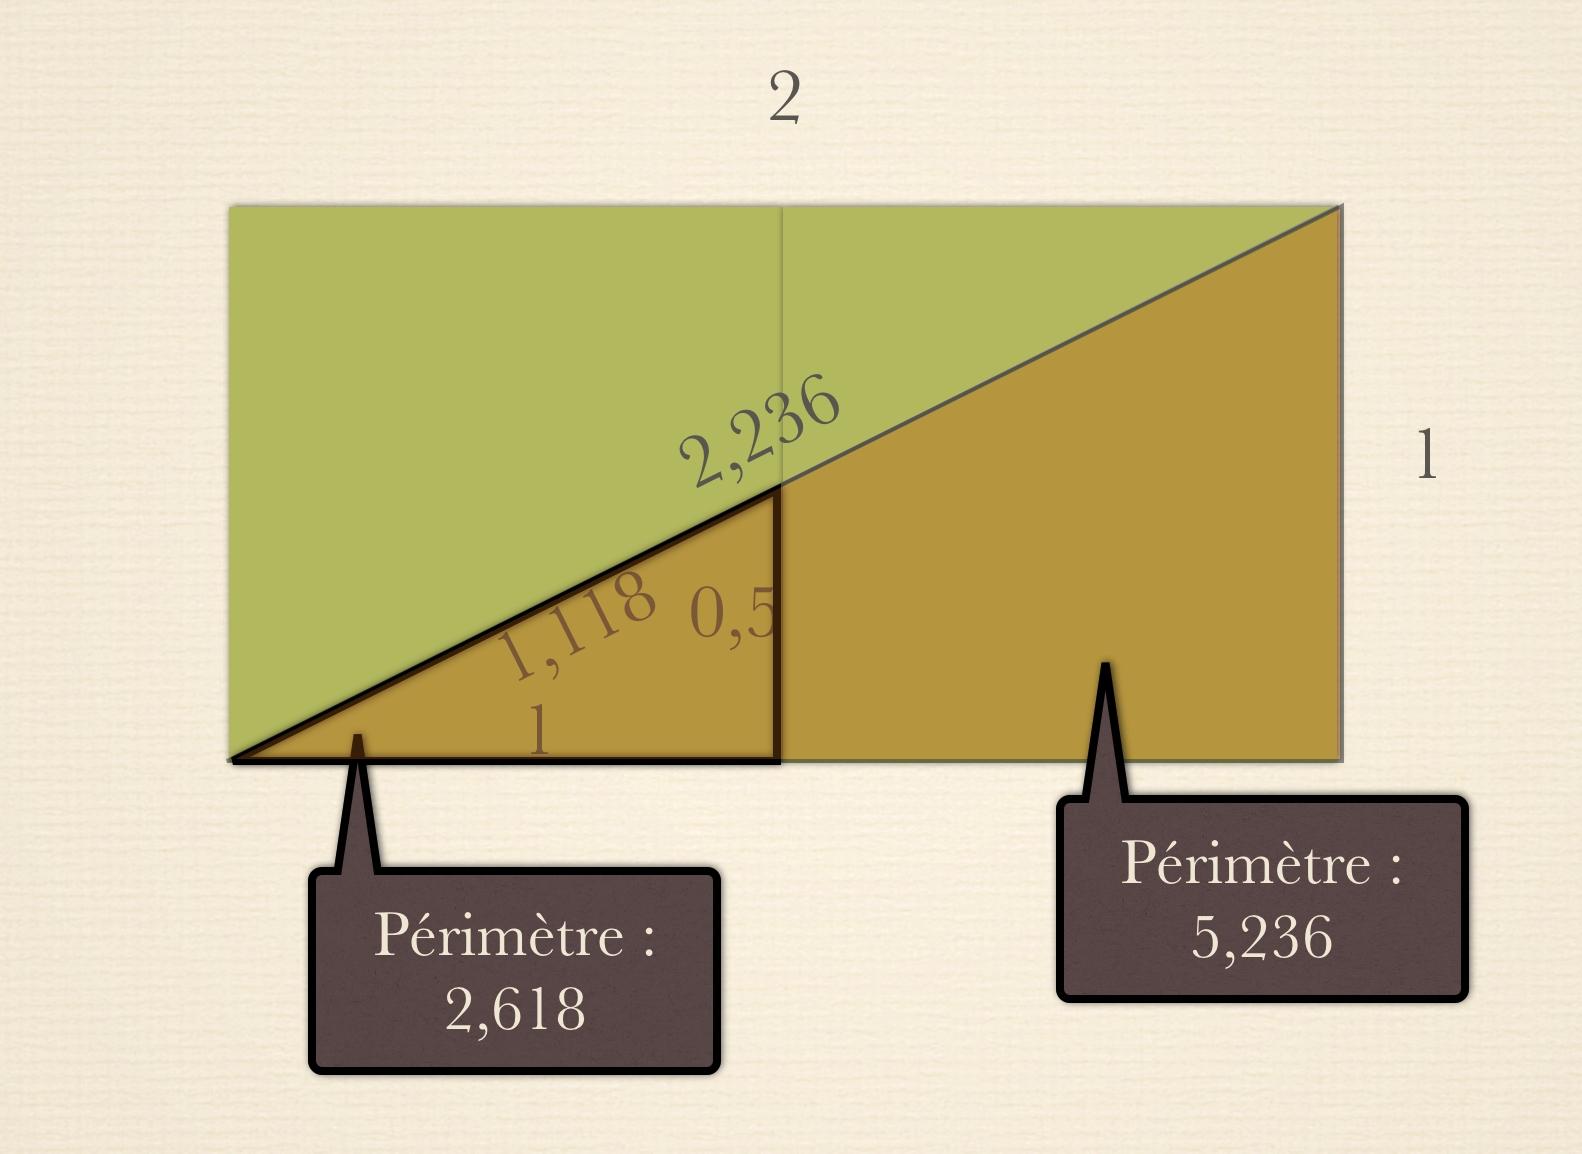 image double carré